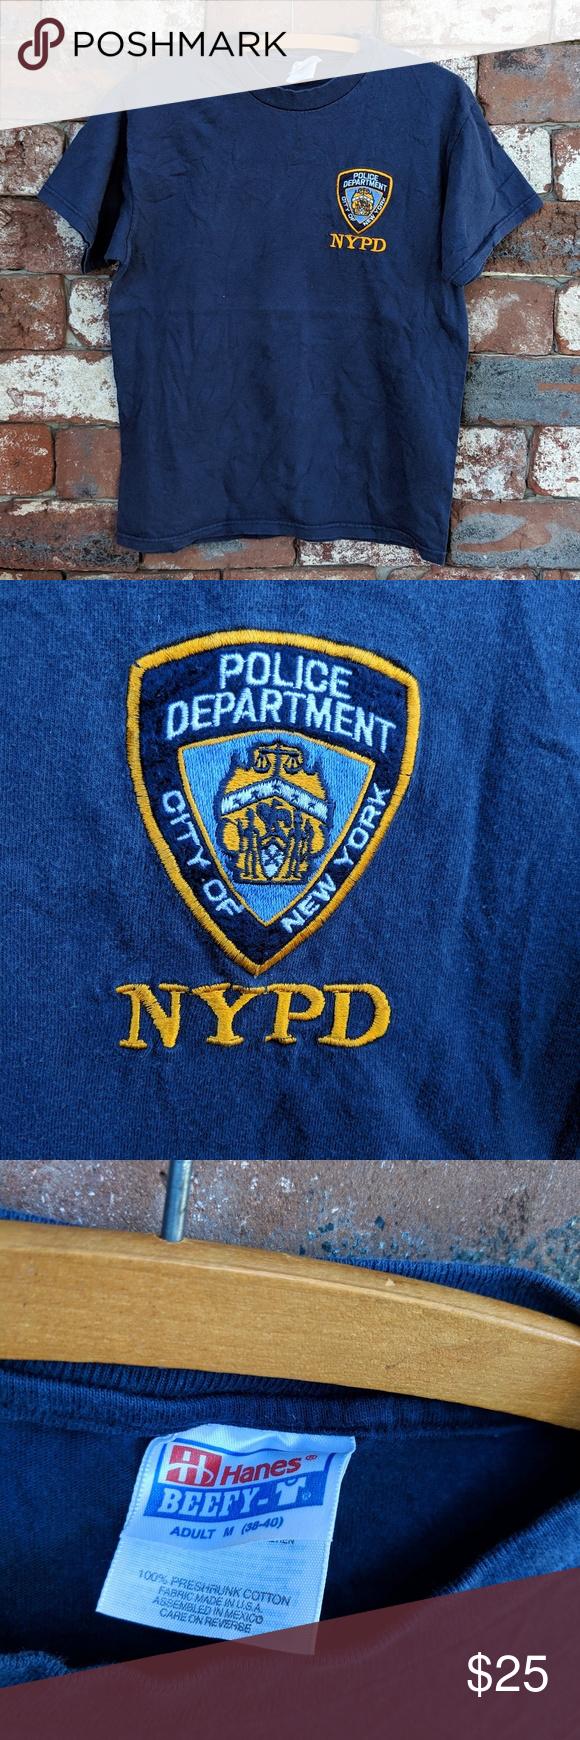 Vintage NYPD shield logo tshirt Vintage NYPD shield logo